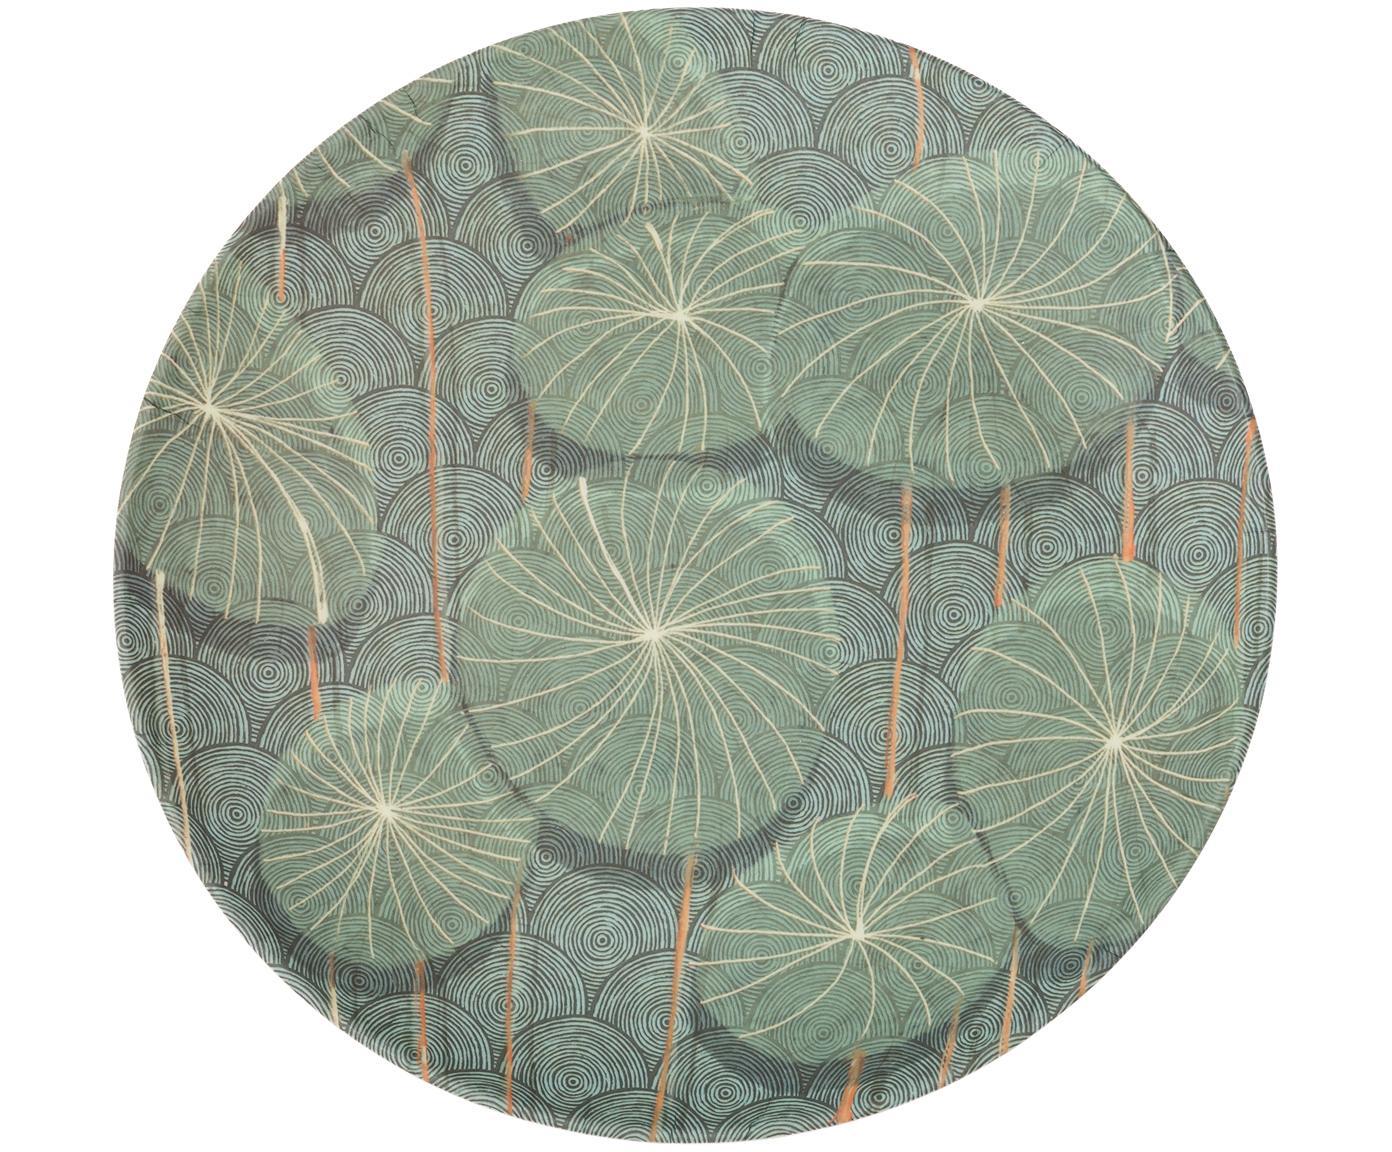 Bambus-Frühstücksteller Nymphaea, Bambusfasern, lackiert, Blau, Grün, Ø 20 x H 2 cm